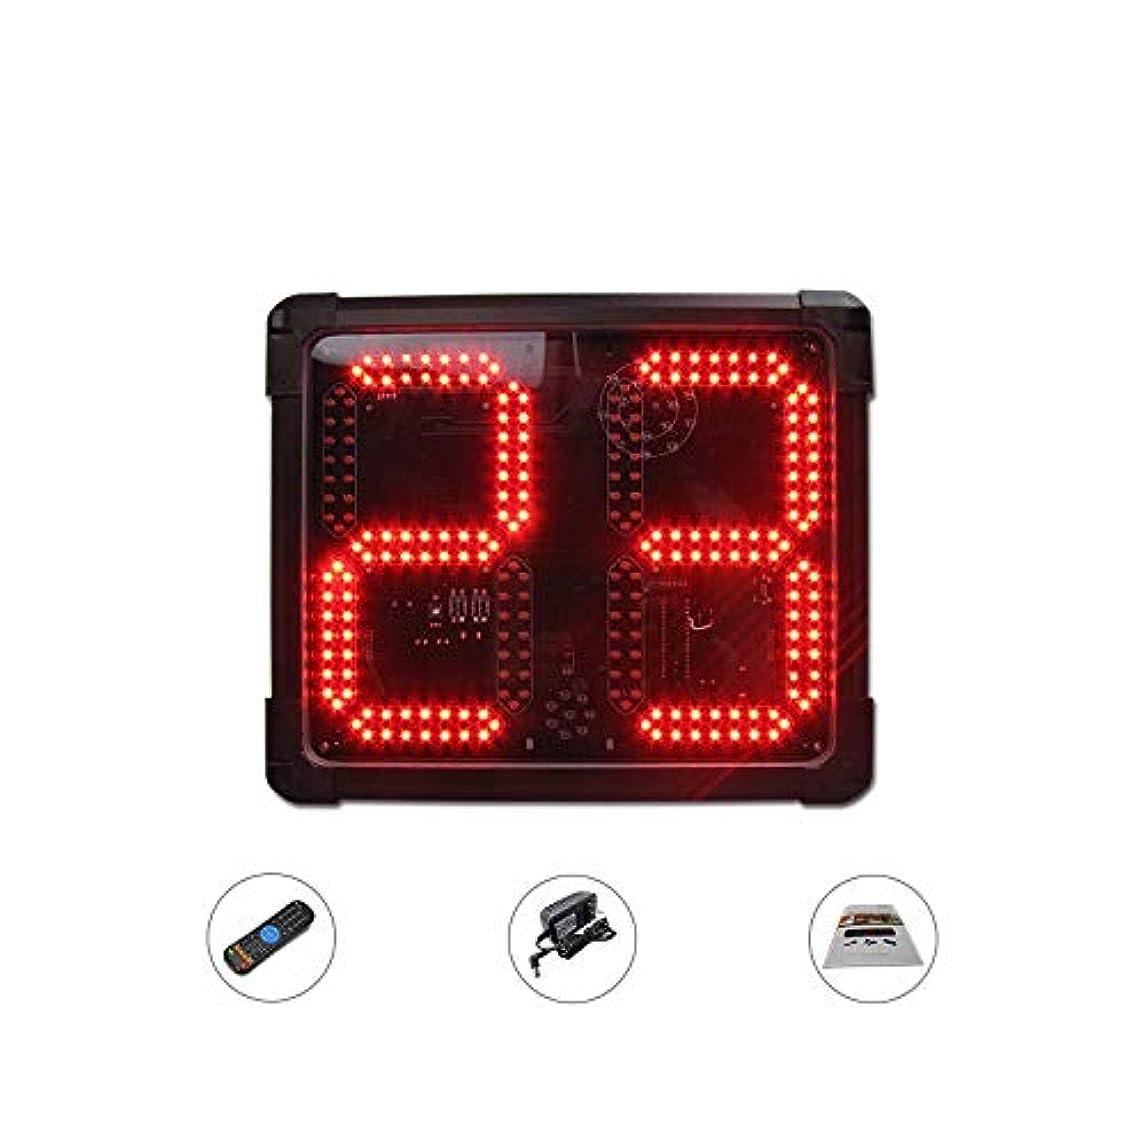 うん広げるはっきりとNEWTRY LEDタイマー 24秒カウントダウン スポーツタイマー ストップウォッチ タイミング 大型 2桁 バスケ/野球/サッカー/卓球/バドミントン/競技/試合など用 室内、室外用